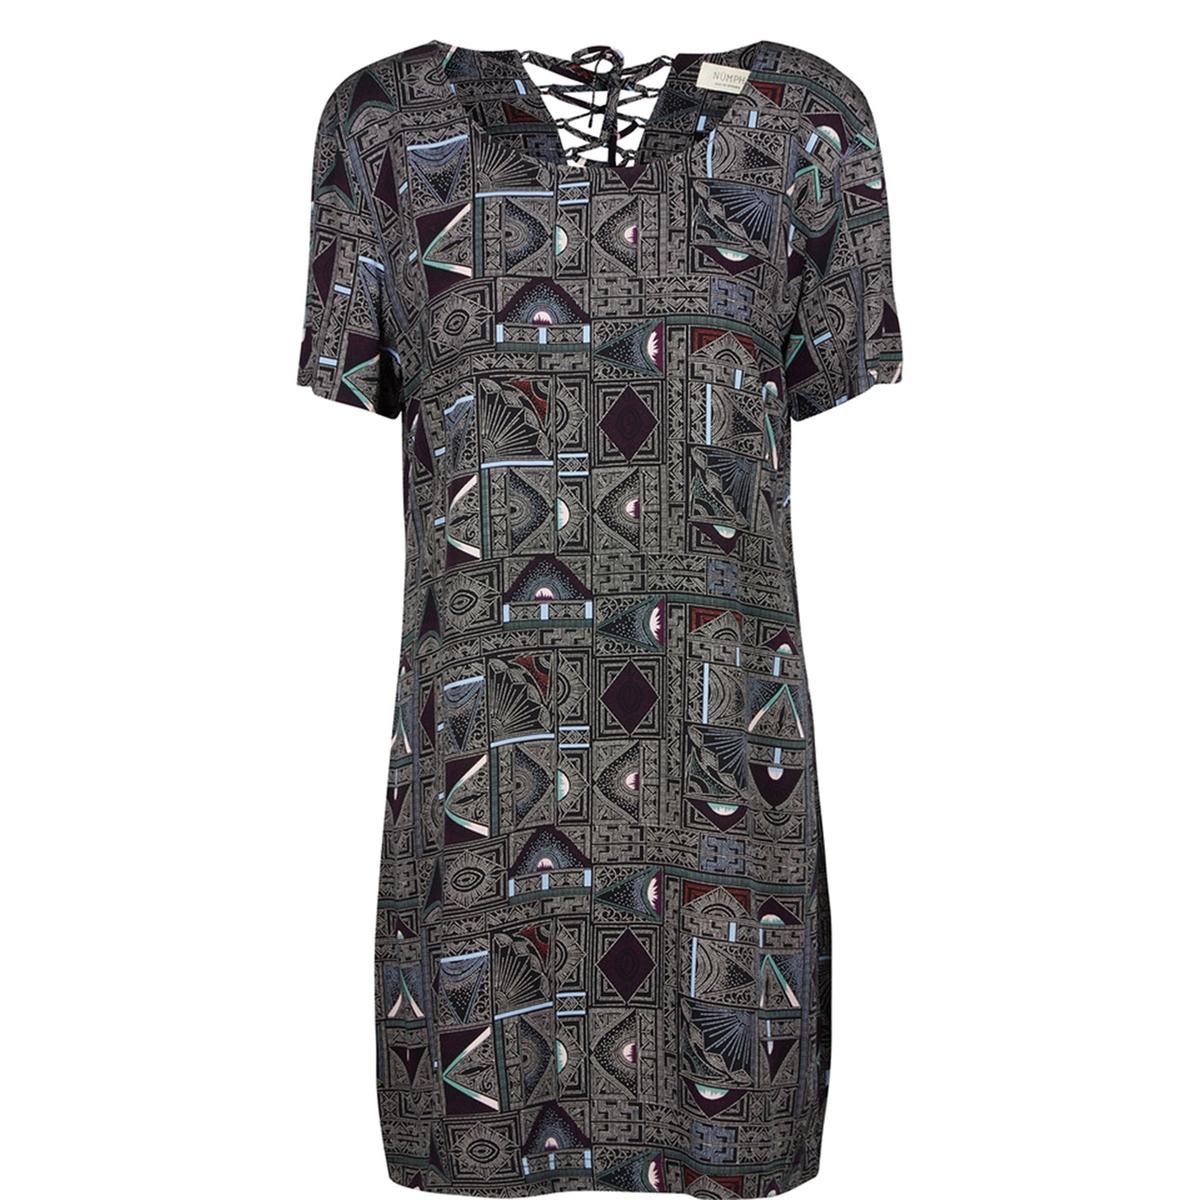 Платье с рисунком Komelia, спинка со шнуровкойСостав и описаниеМатериал : 98% вискозы, 2% эластанаМарка : N?mphМодель : KomeliaУходСледуйте рекомендациям по уходу, указанным на этикетке изделия<br><br>Цвет: рисунок графичный/черный